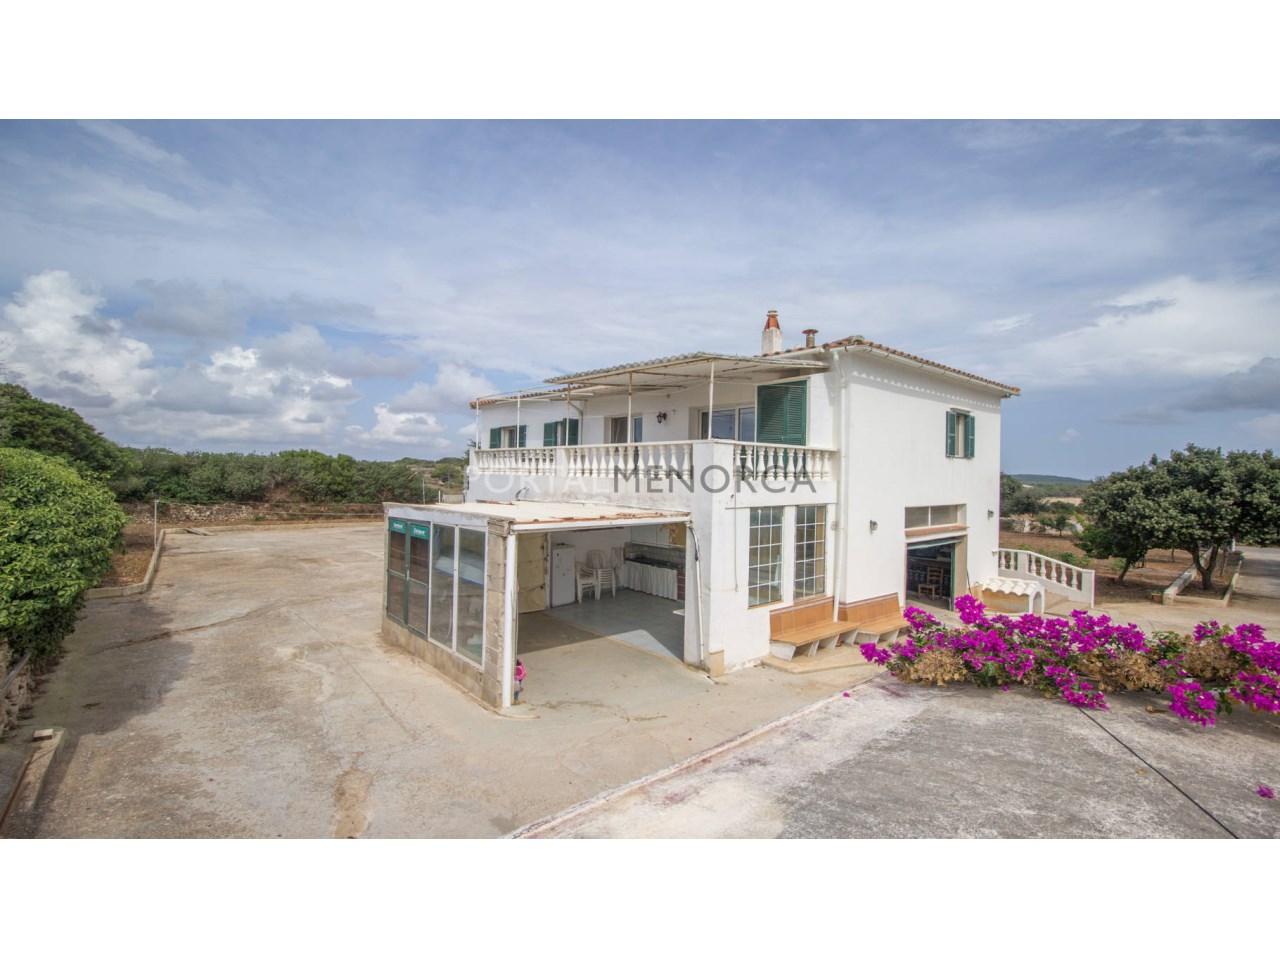 Casa de campo reciente en venta en Menorca